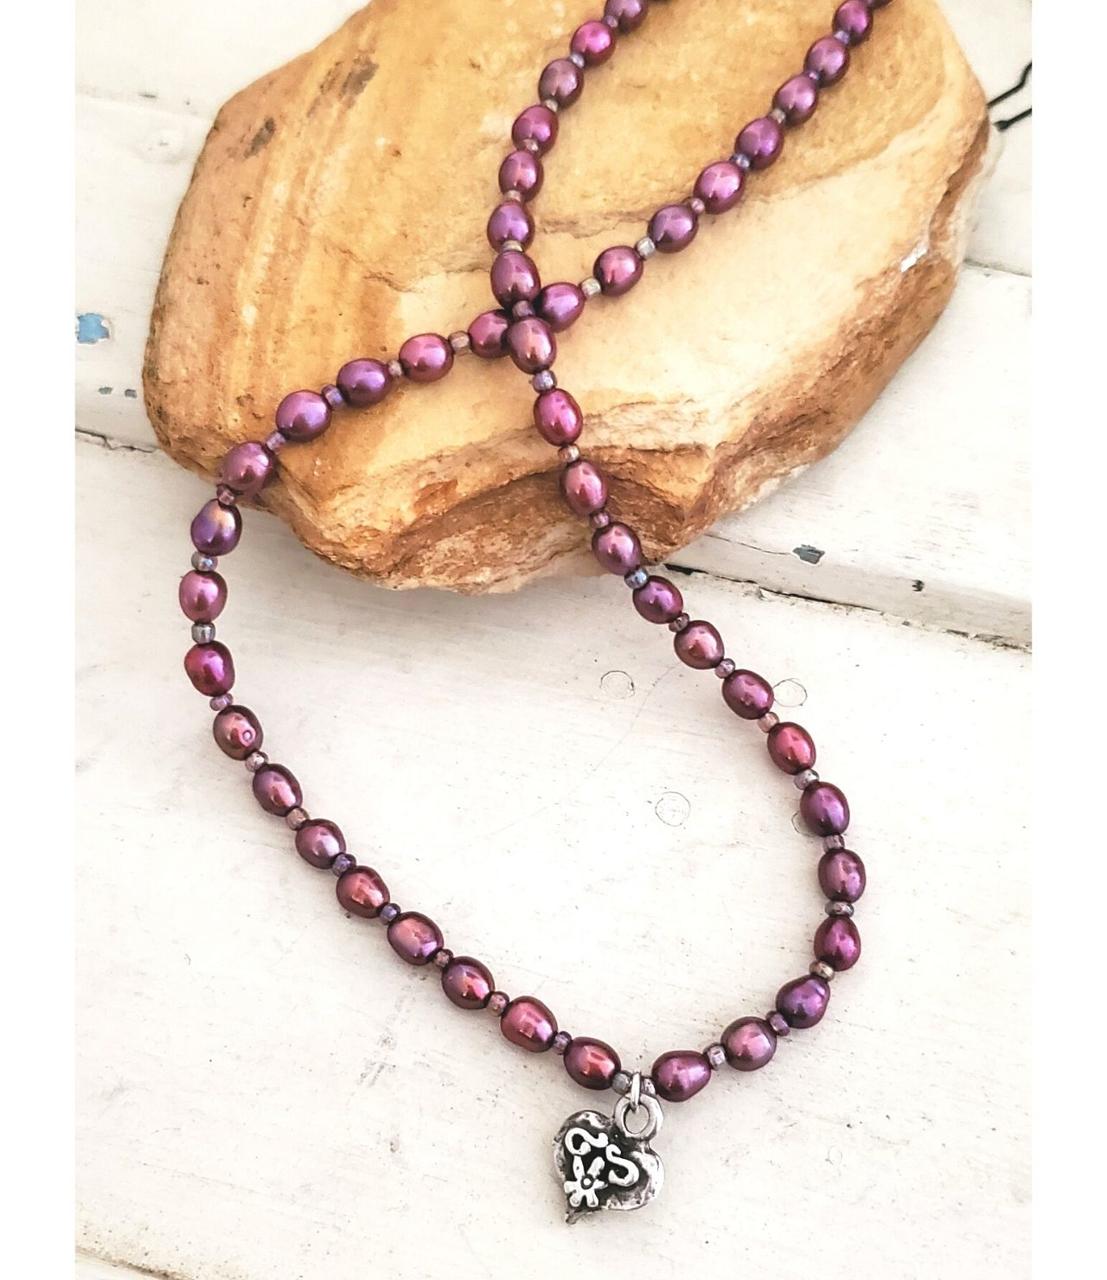 Silver heart purple pearl necklace on rock